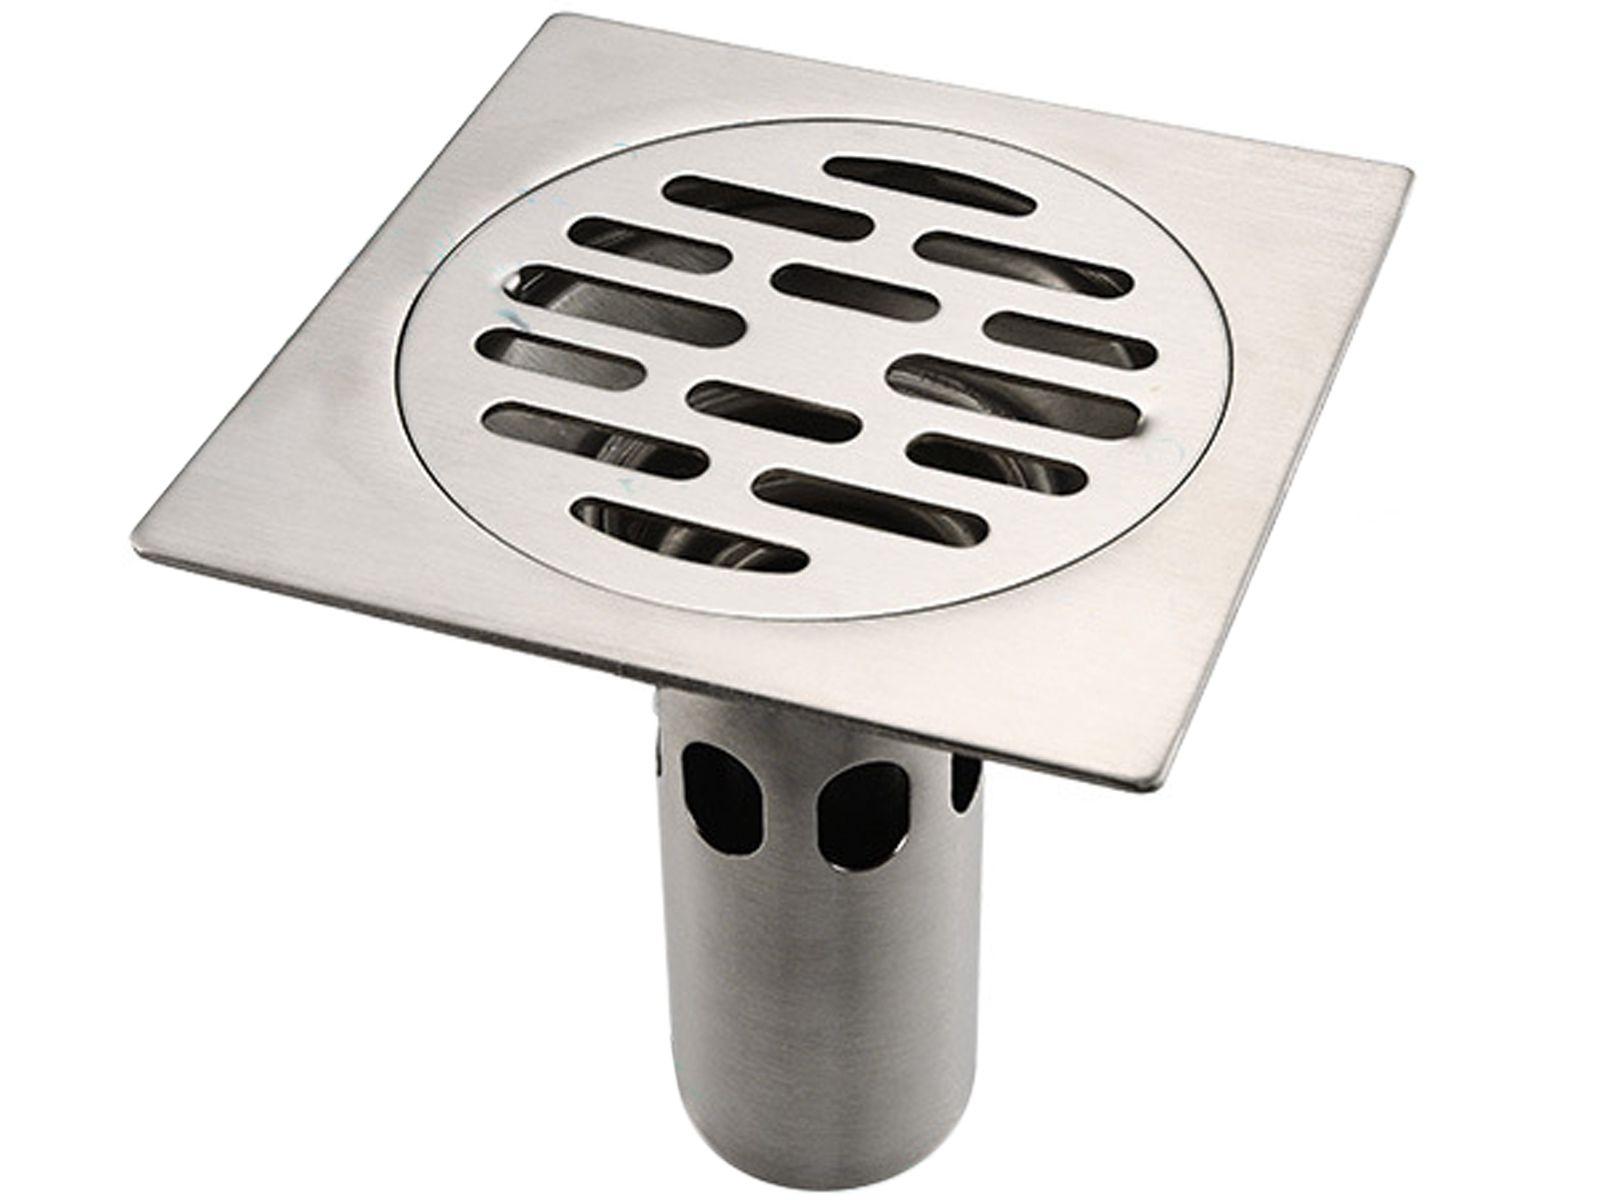 Deodorization Kitchen Bathroom Shower Stainless Steel Floor Drain Waste  Strainer